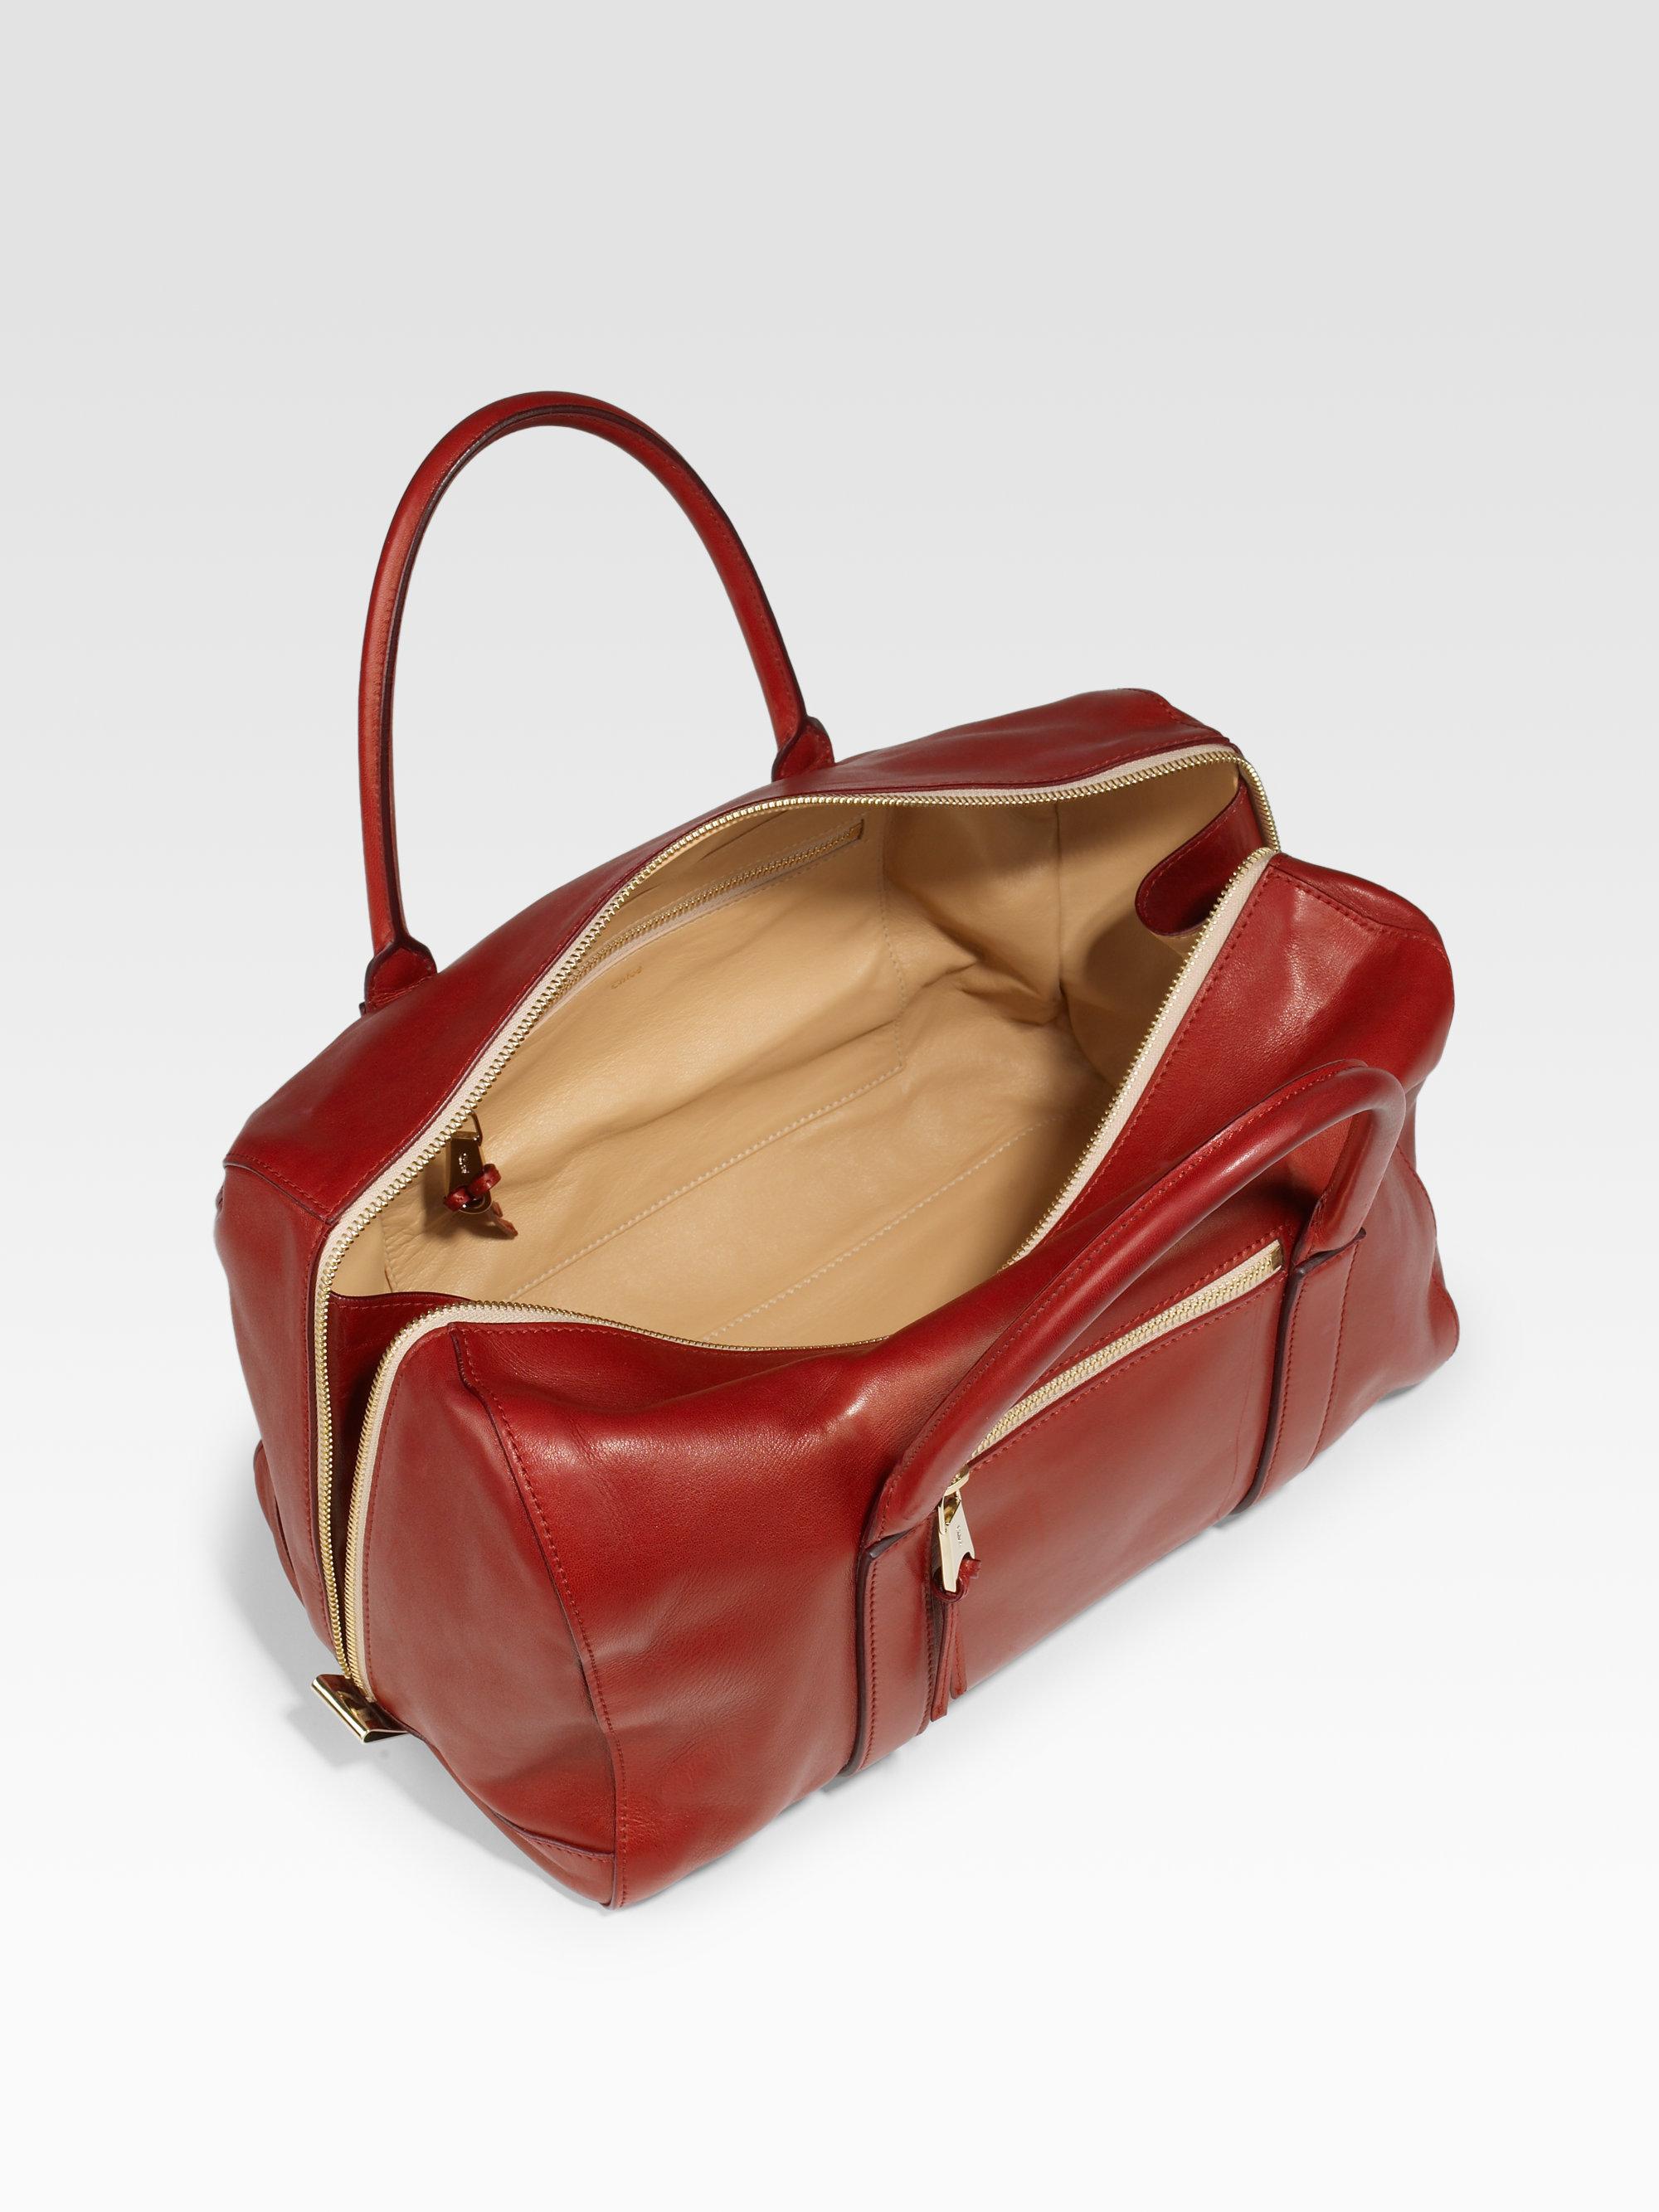 Chlo¨¦ Madeleine Large Duffel Top Handle Bag in Beige (smoke) | Lyst